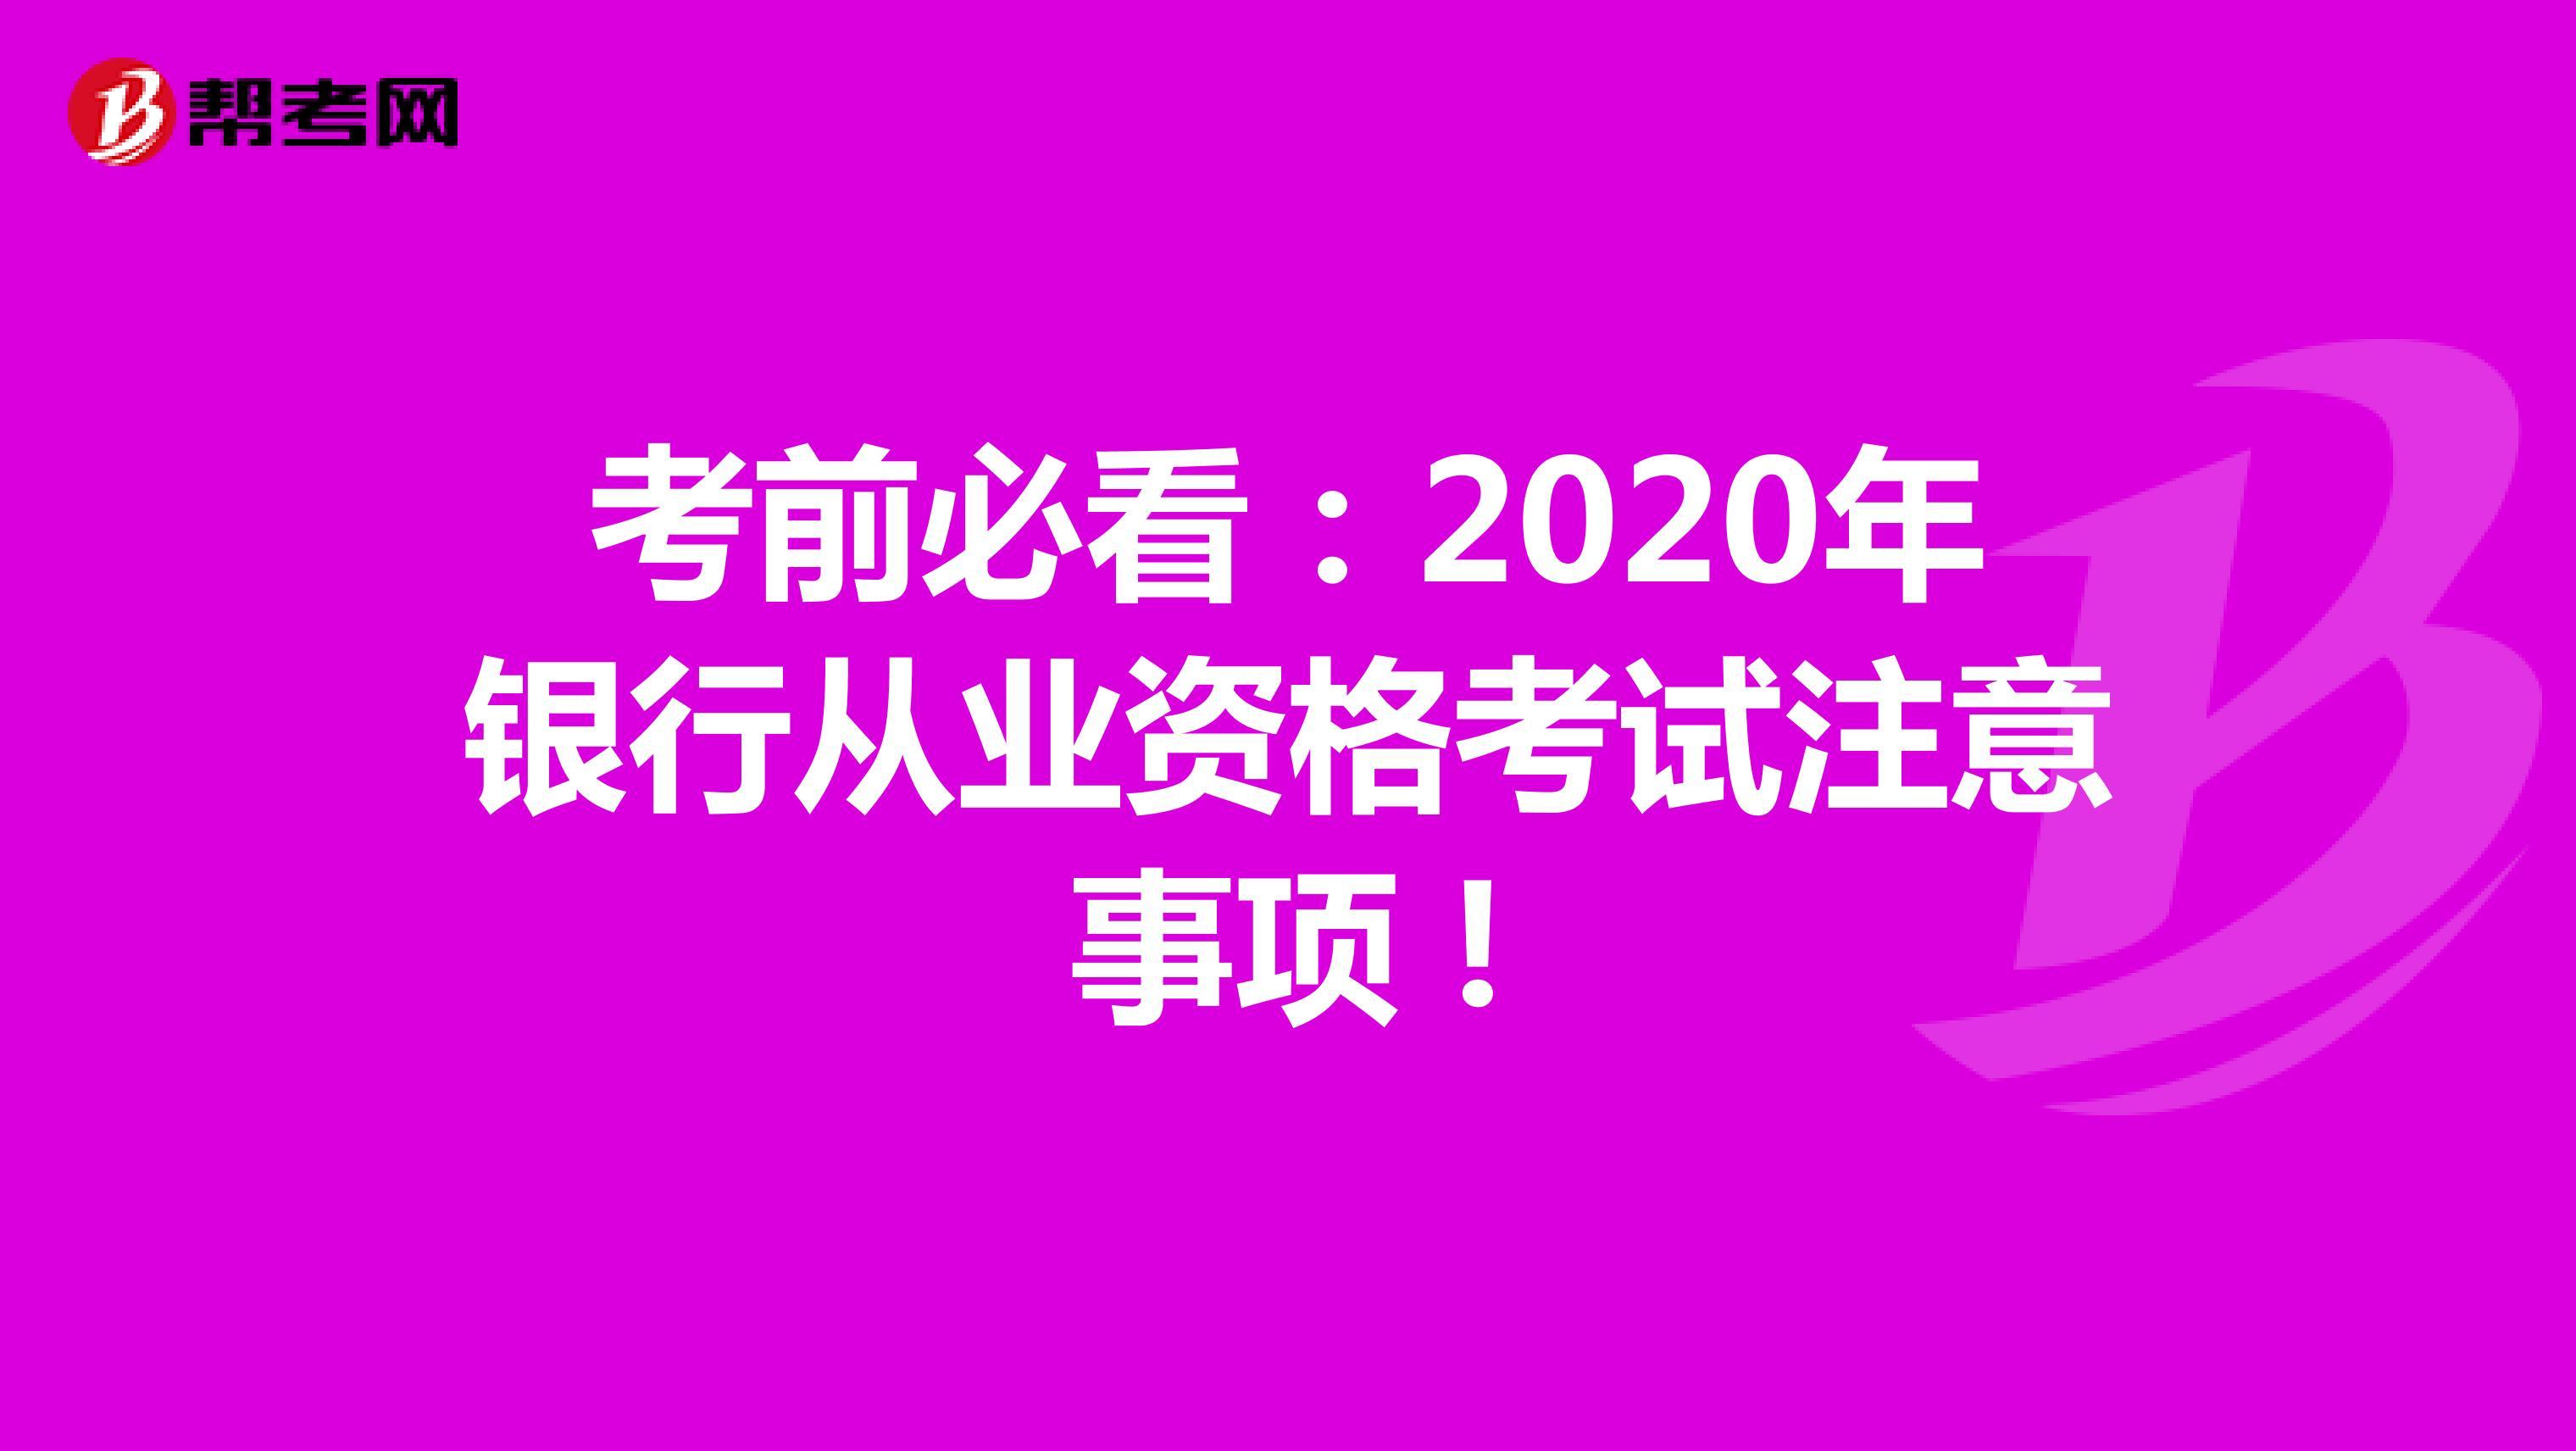 考前必看:2020年银行从业资格考试注意事项 !